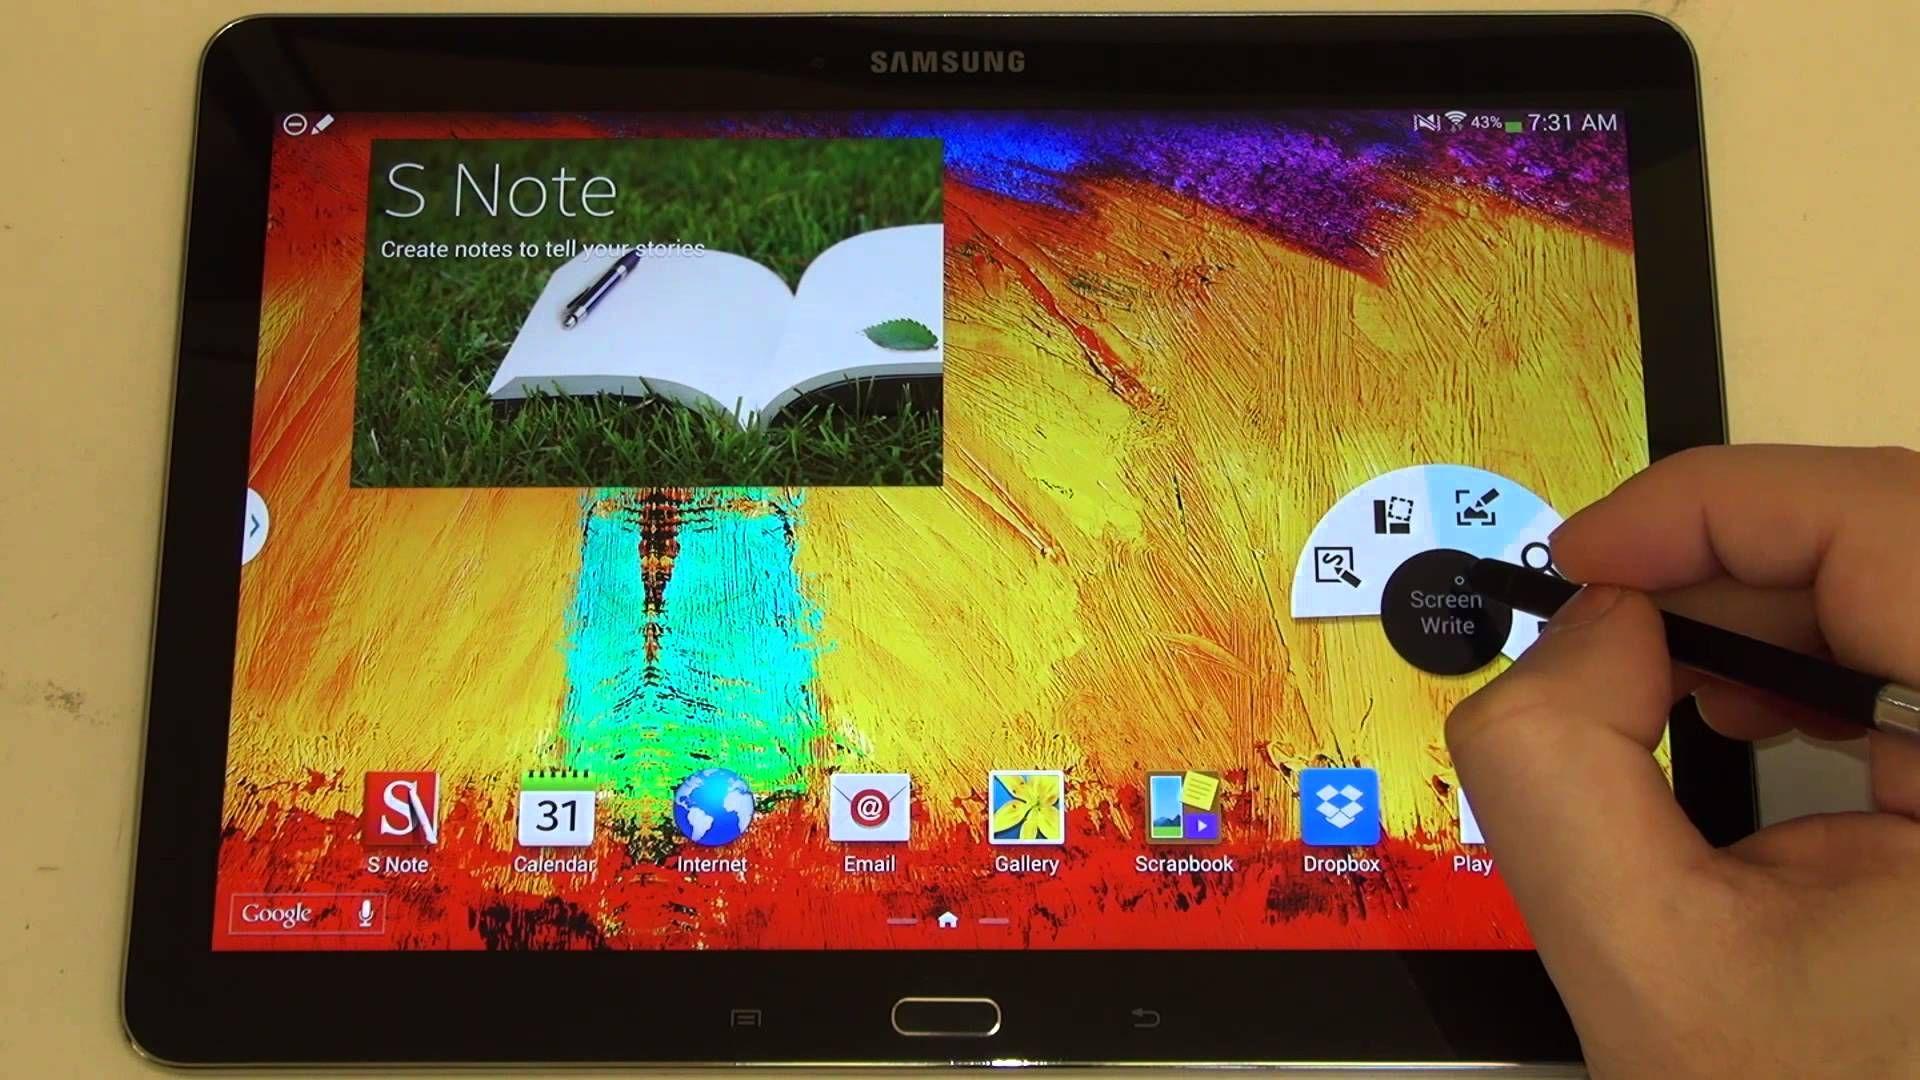 Samsung Galaxy Note 10 1 2014 Edition S Pen Demo Galaxy Note 10 Samsung Galaxy Note Samsung Galaxy 10